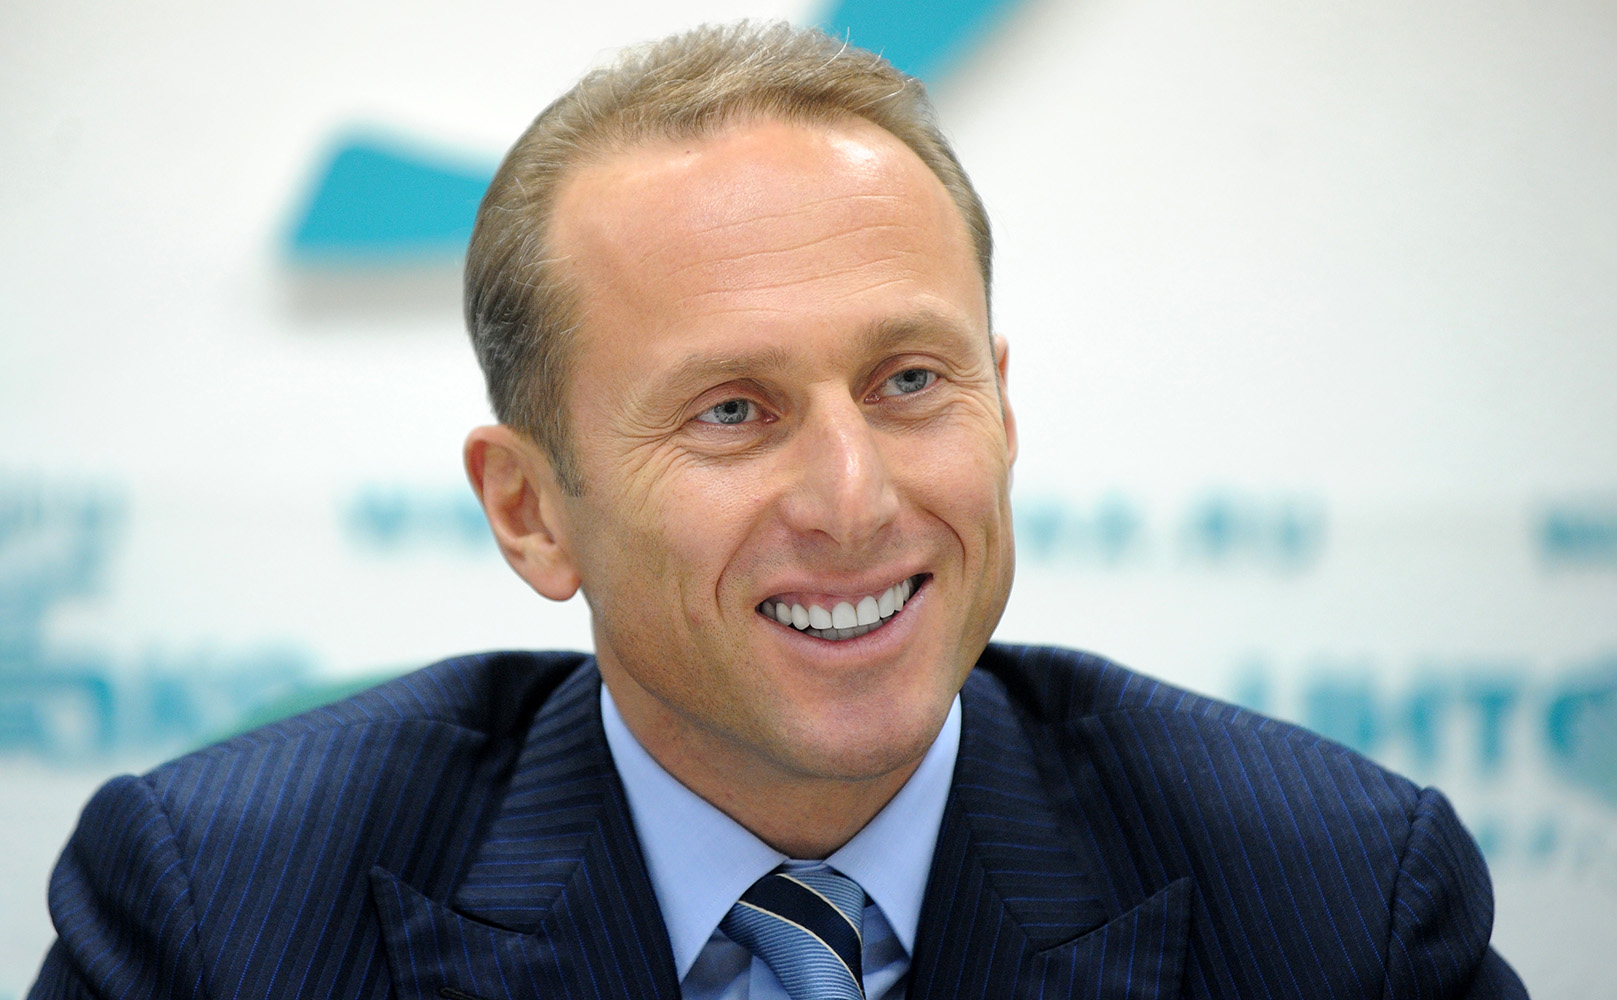 Игорь Кесаев, председатель Совета директоров Mercury Retail